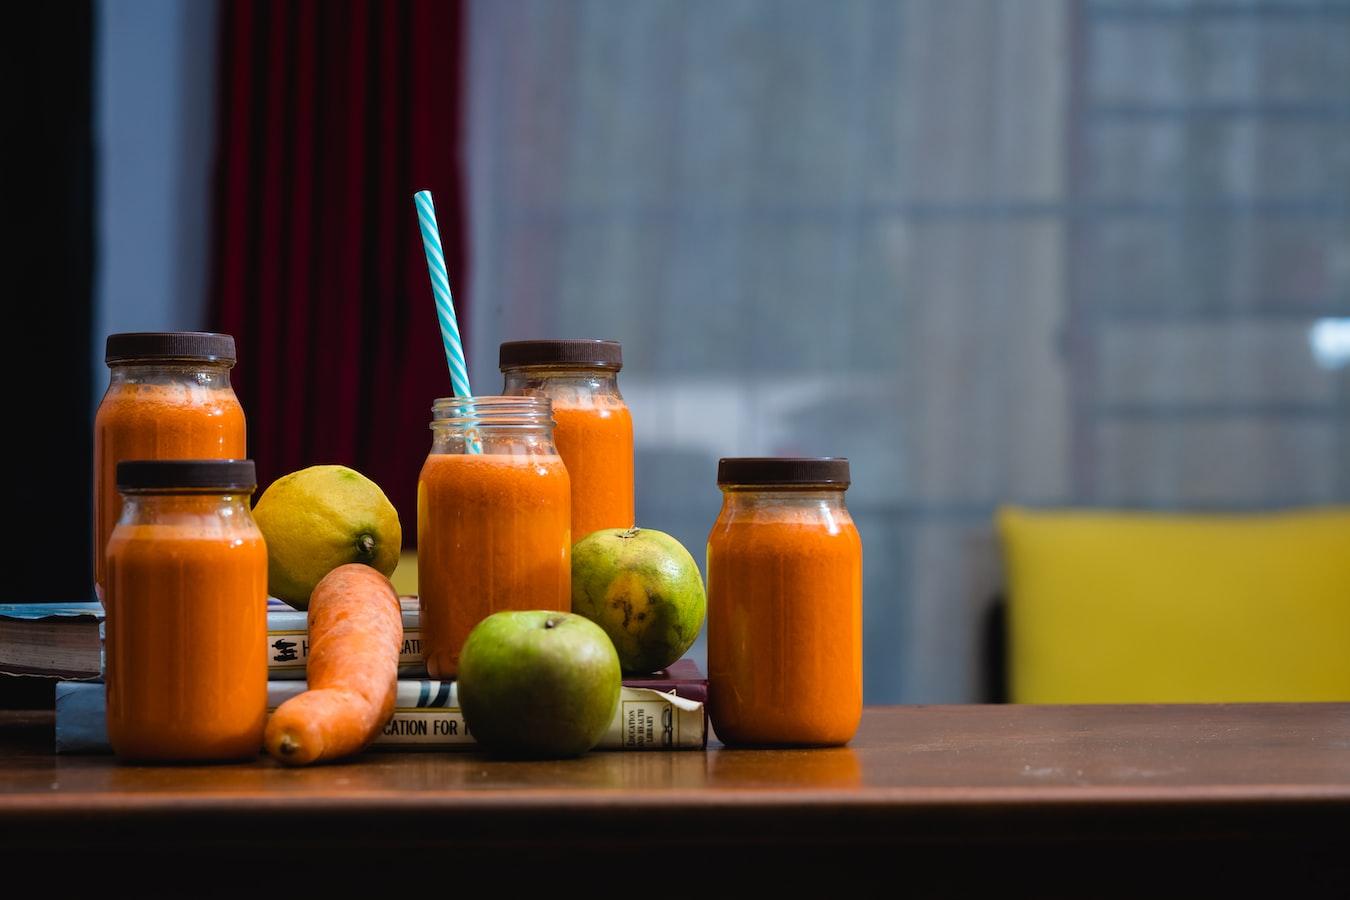 【營養talk talk】你喝的是果汁還是化學添加劑?營養師示範製作